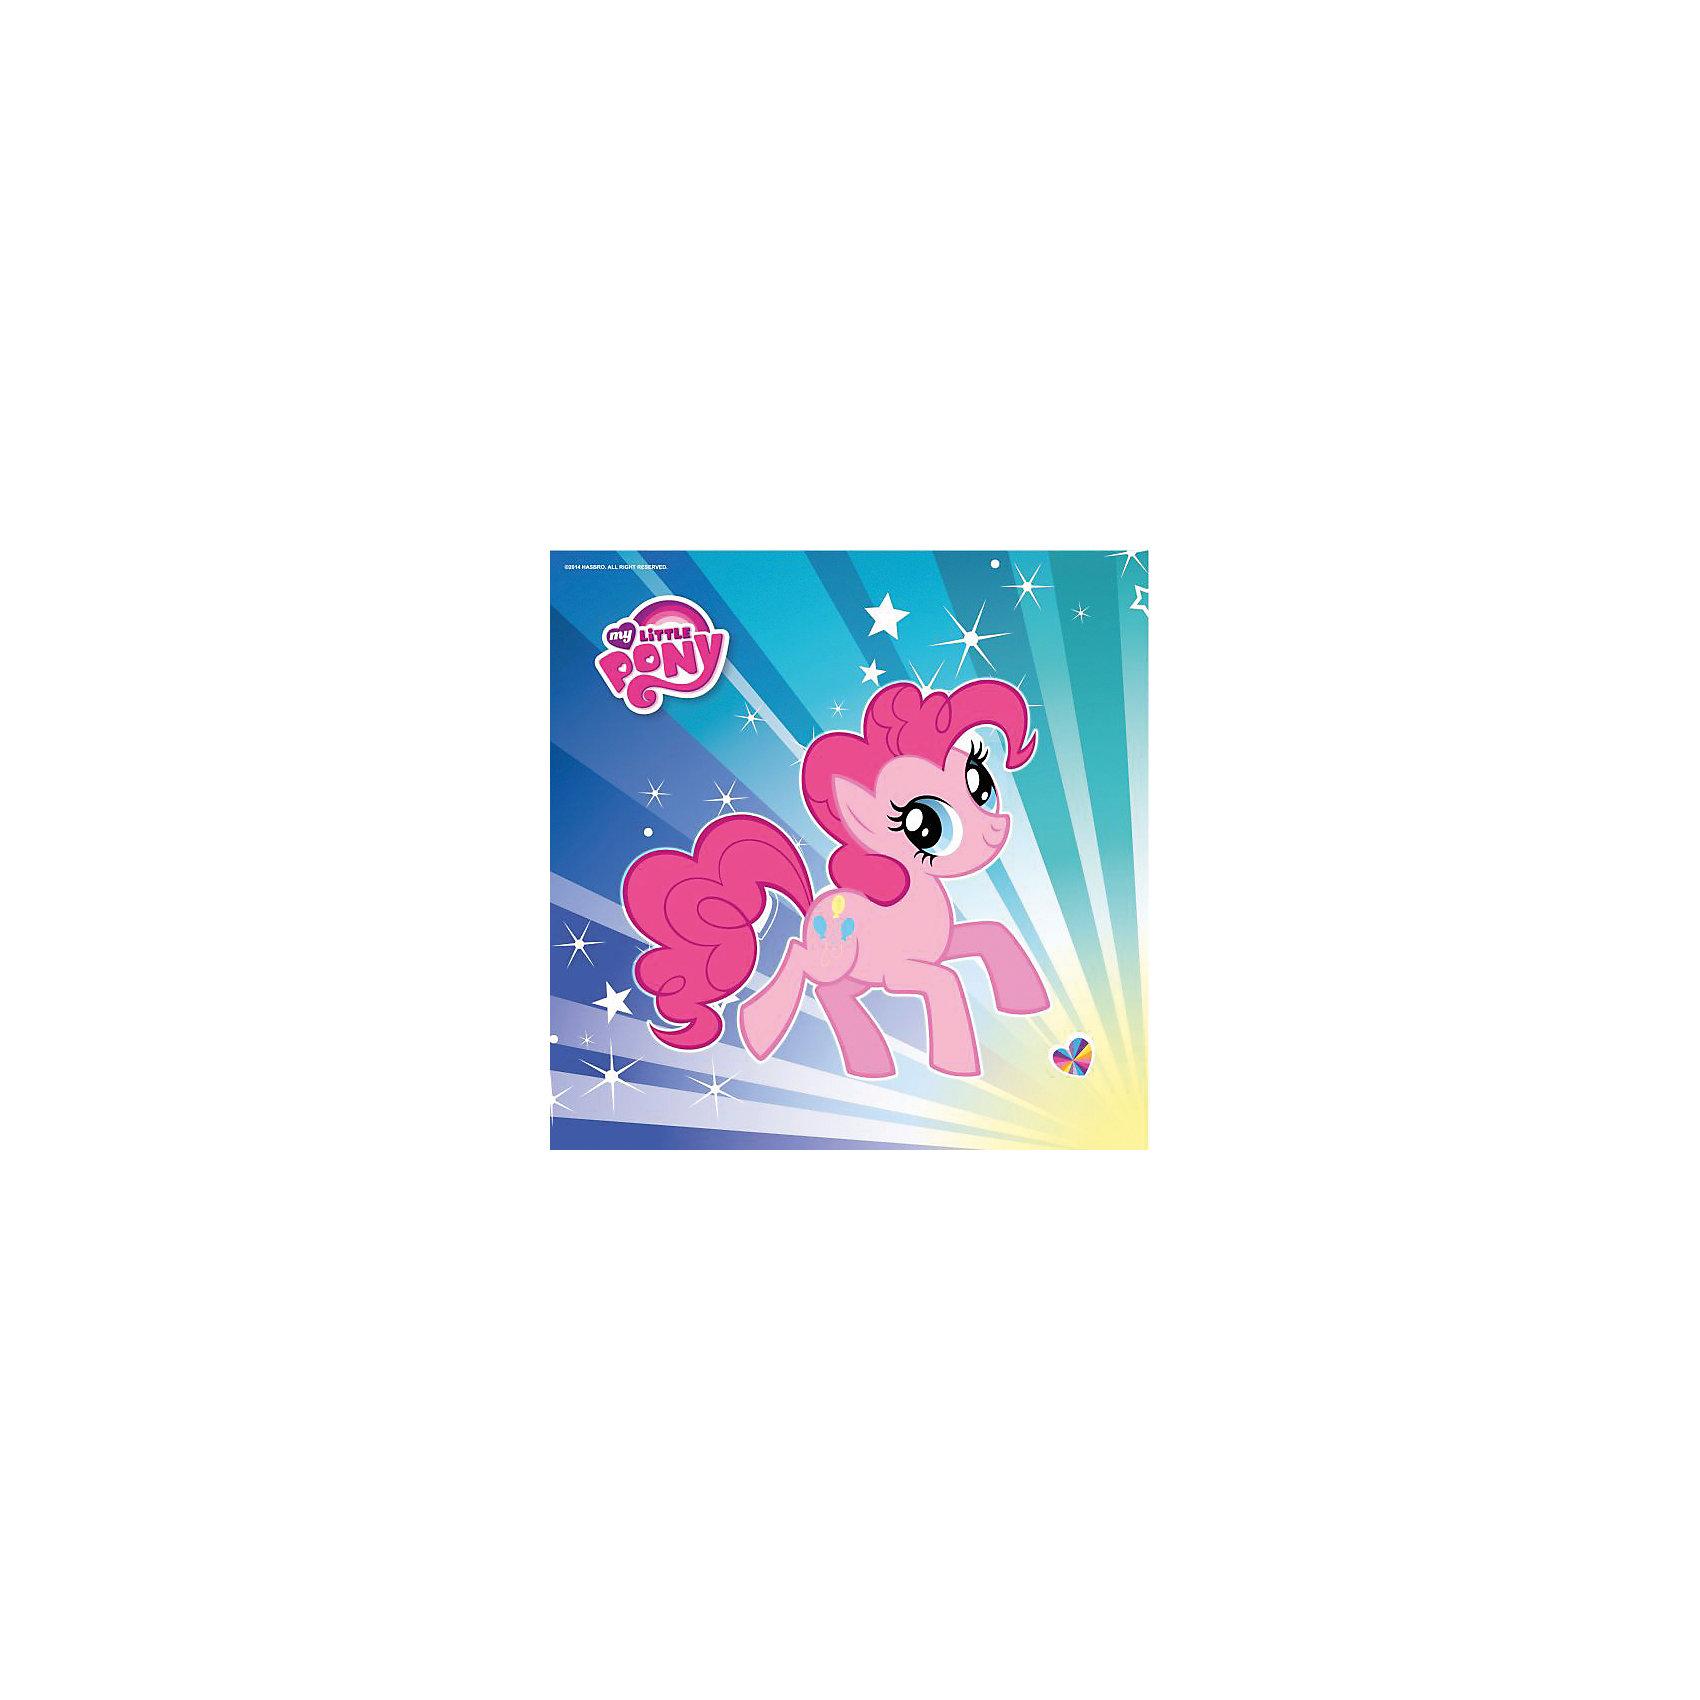 Набор из 12-и салфеток, My Little PonyMy little Pony<br>Набор из 12-ти салфеток Мои маленькие пони украсят ваш праздничный стол!<br>Красивая лошадка, изображенная на салфетке, вызовет улыбку и поможет вспомнить интересные приключения, о которых рассказывалось в популярном мультфильме. Салфетки изготовлены из тонкой бумаги, которая хорошо впитывает влагу.<br><br>Дополнительная информация:<br><br>- Материал: бумага.<br>- Комплект: 12 шт.<br>- Размер упаковки: 18х23х1 см.<br>- Вес в упаковке: 60 г.<br><br>Купить набор из 12-и салфеток, My Little Pony   можно в нашем магазине.<br><br>Ширина мм: 18<br>Глубина мм: 23<br>Высота мм: 1<br>Вес г: 60<br>Возраст от месяцев: 12<br>Возраст до месяцев: 2147483647<br>Пол: Женский<br>Возраст: Детский<br>SKU: 4797422